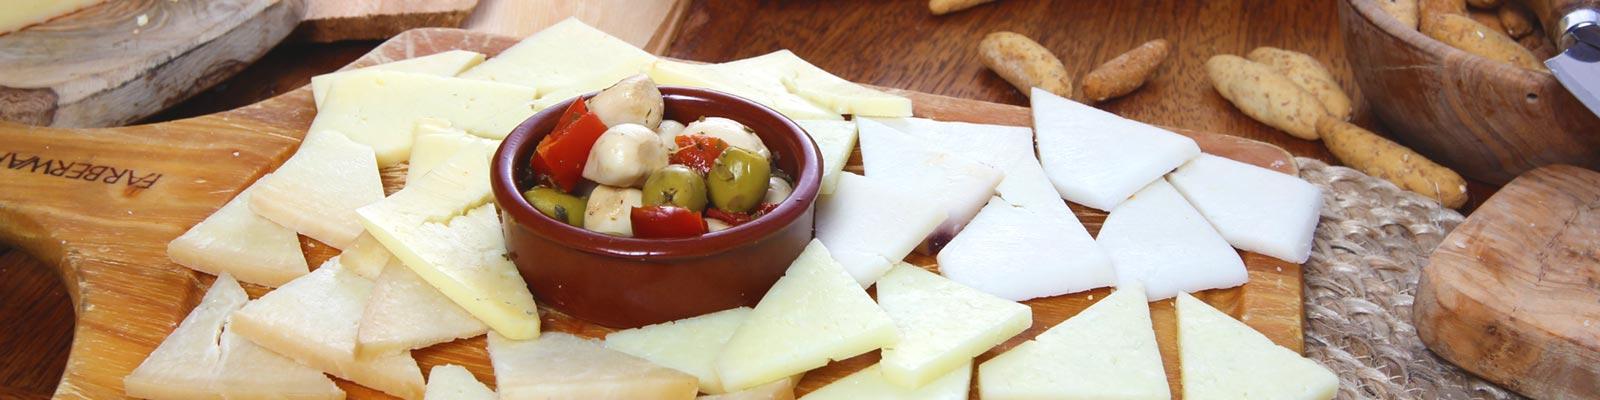 spanish-cheese-page.jpg